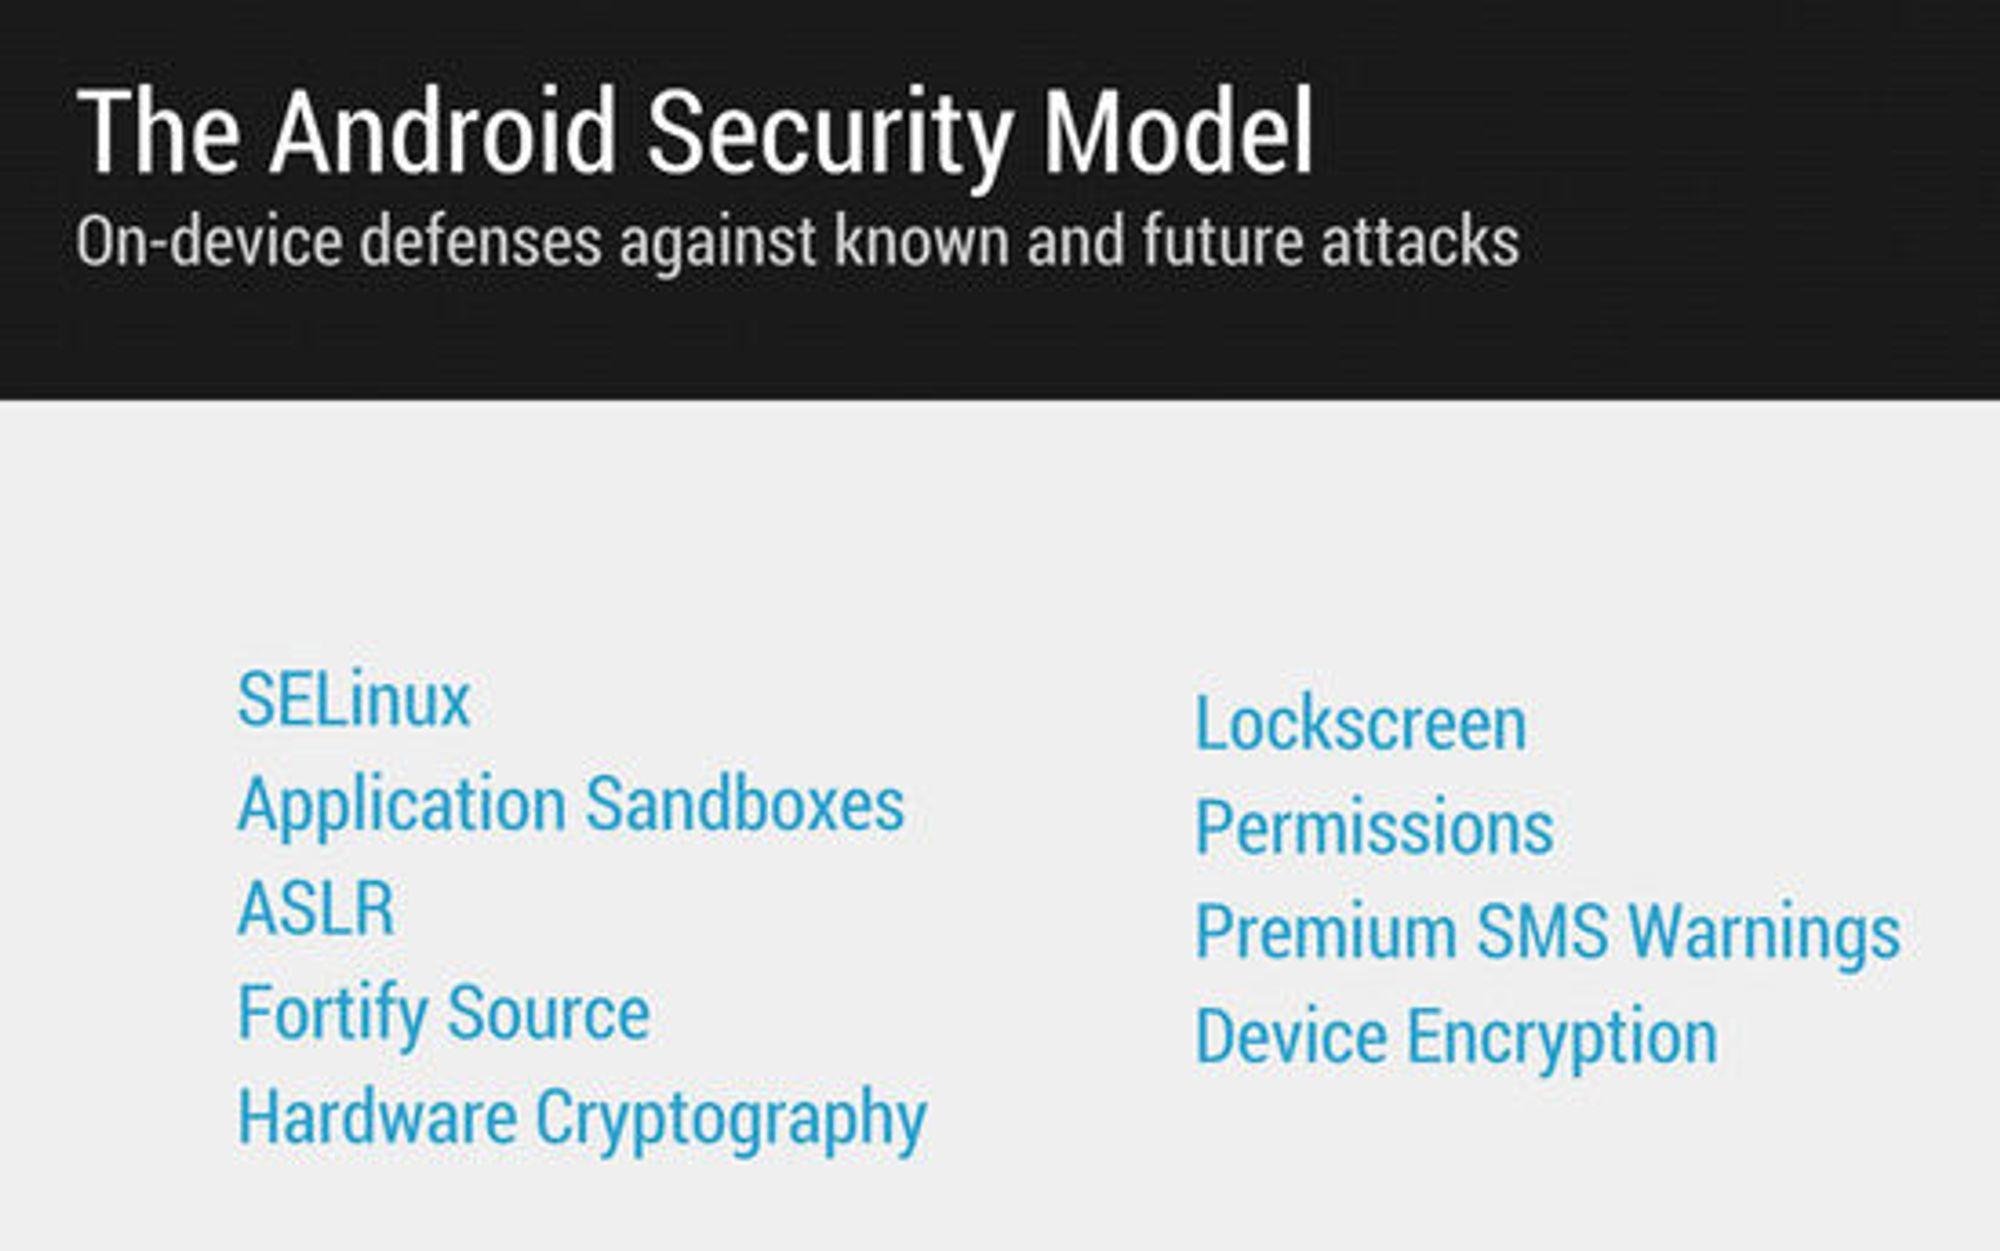 Oversikt over de viktigste teknologiene i sikkerhetsmodelle til Android.